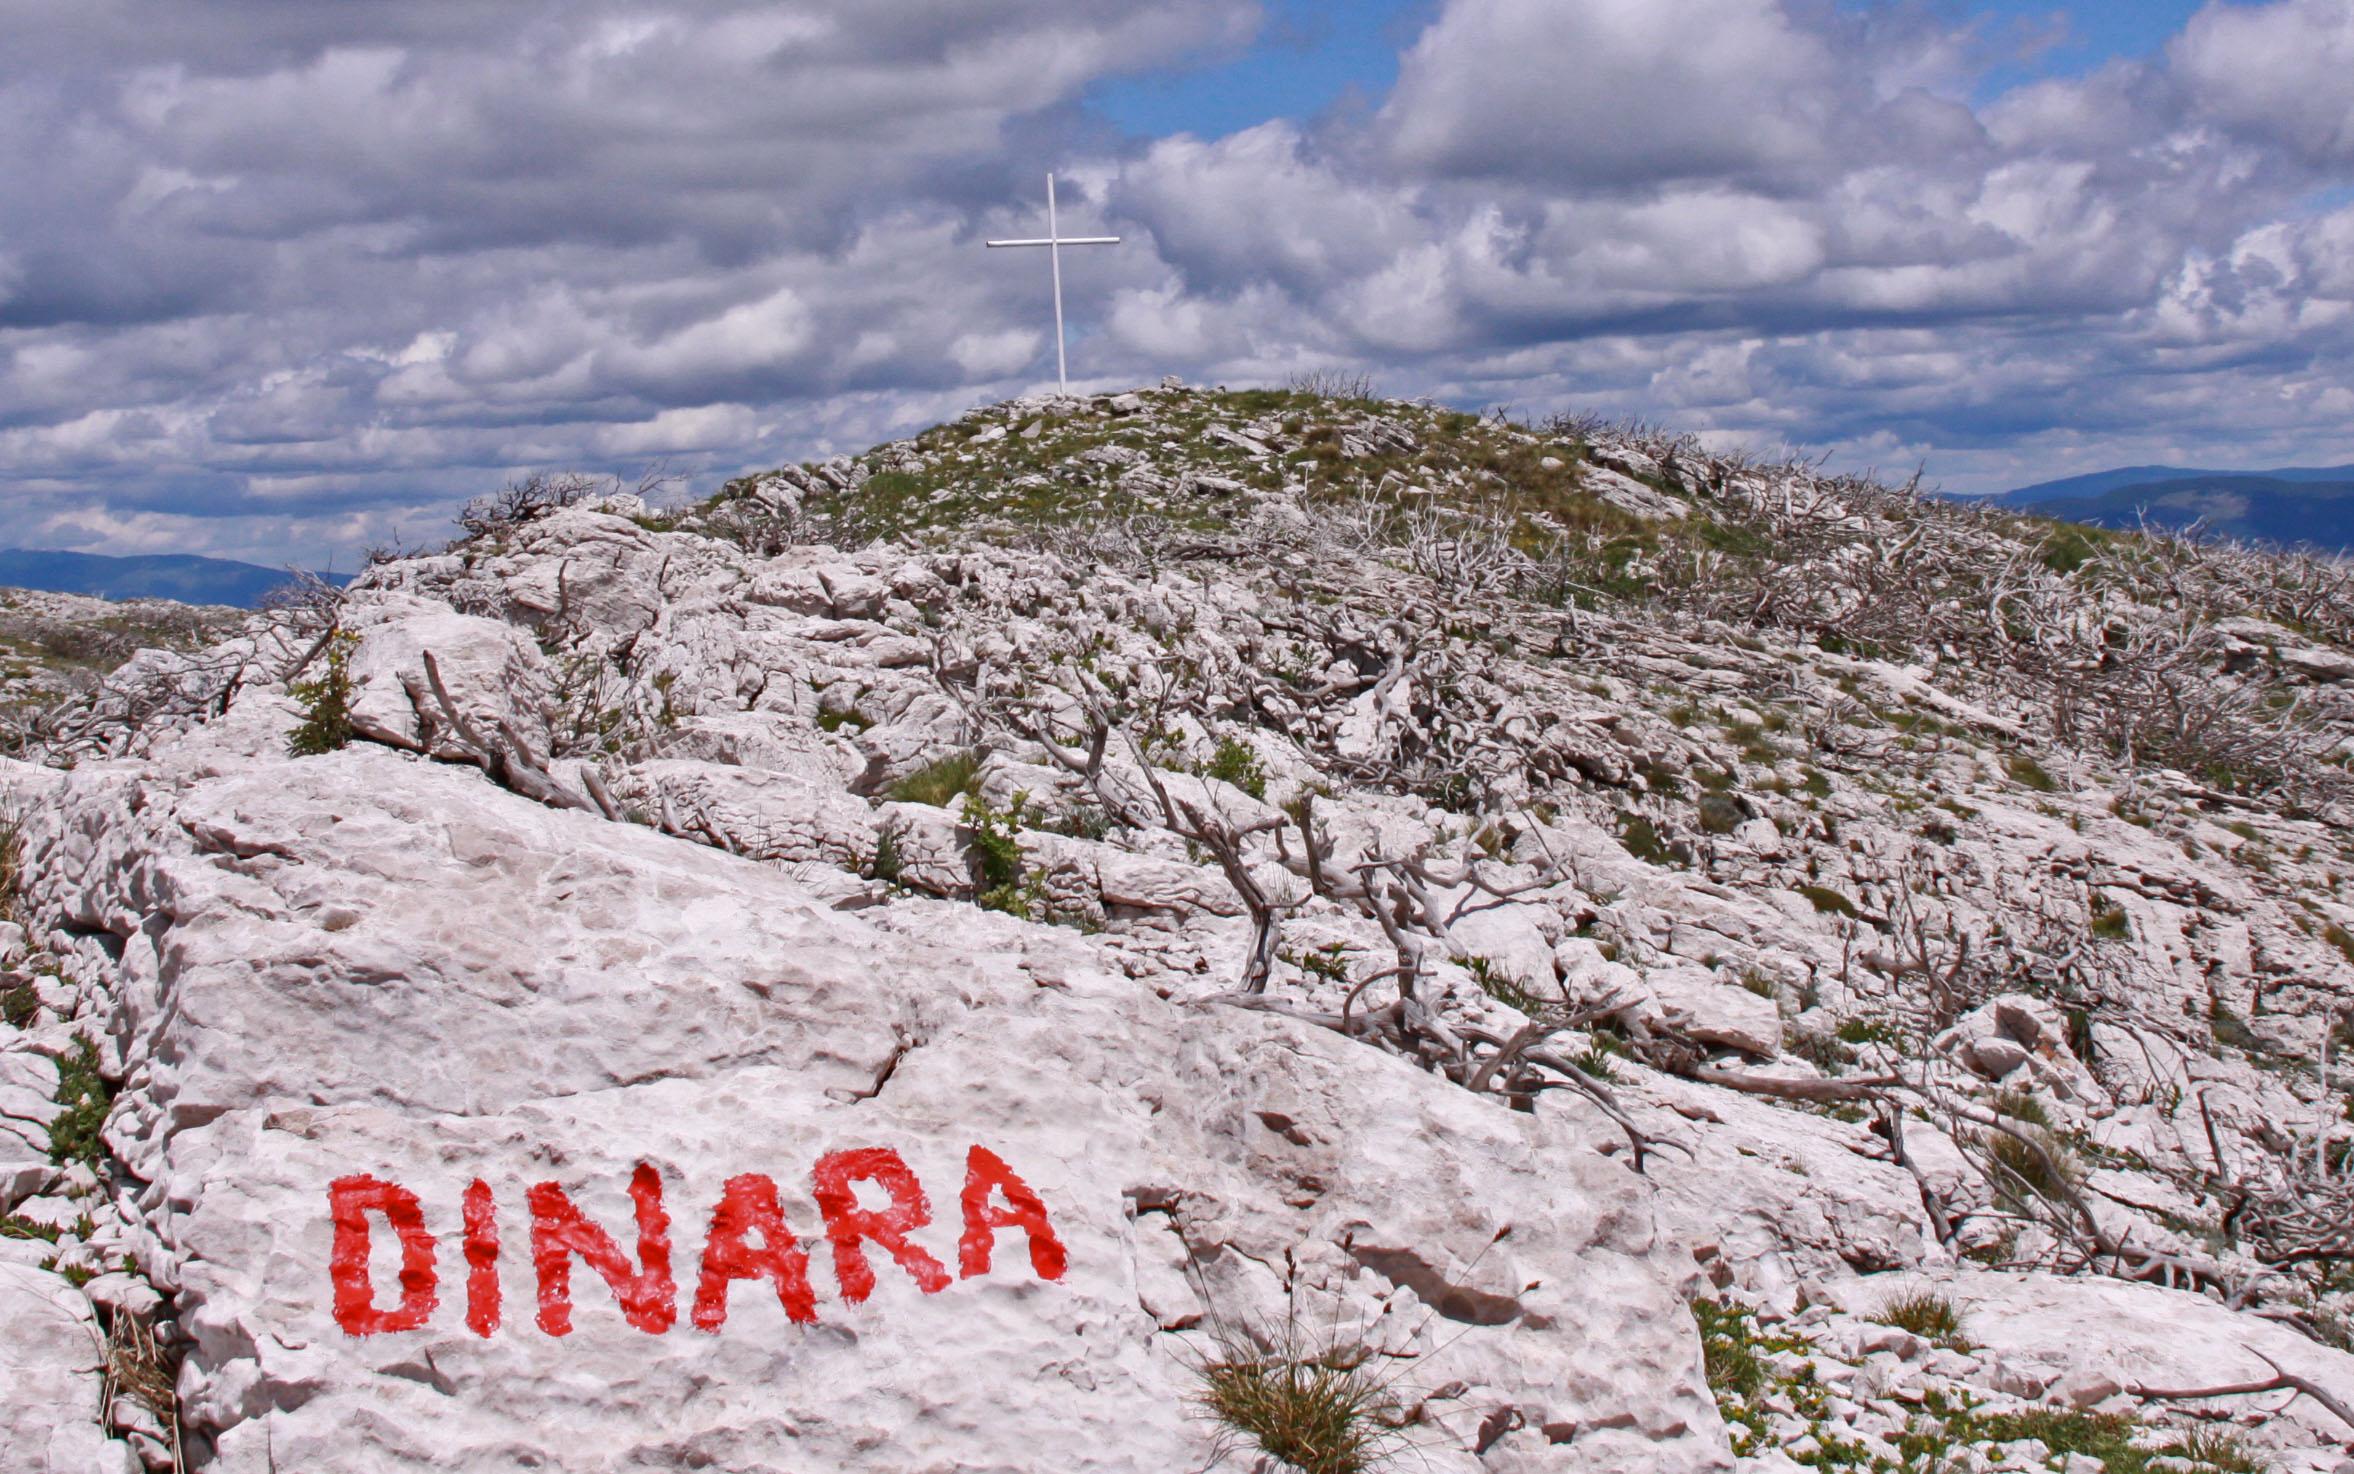 Dinara Gipfl 2742